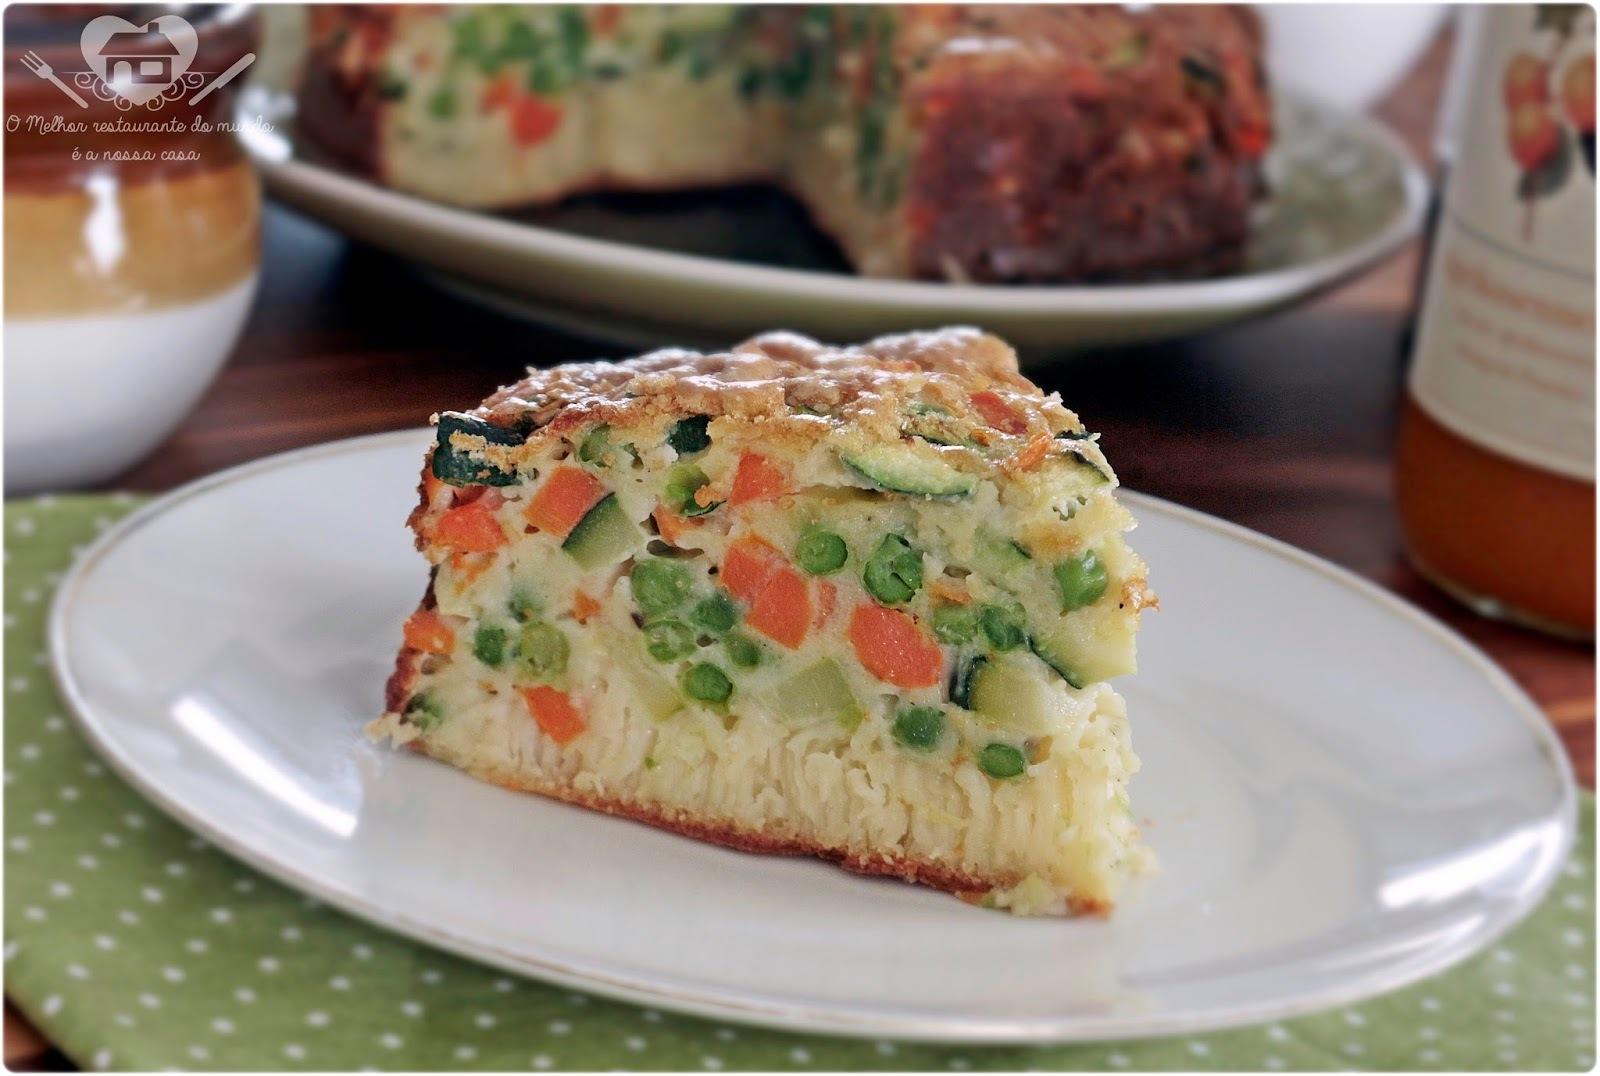 Torta salgada de legumes sem gluten